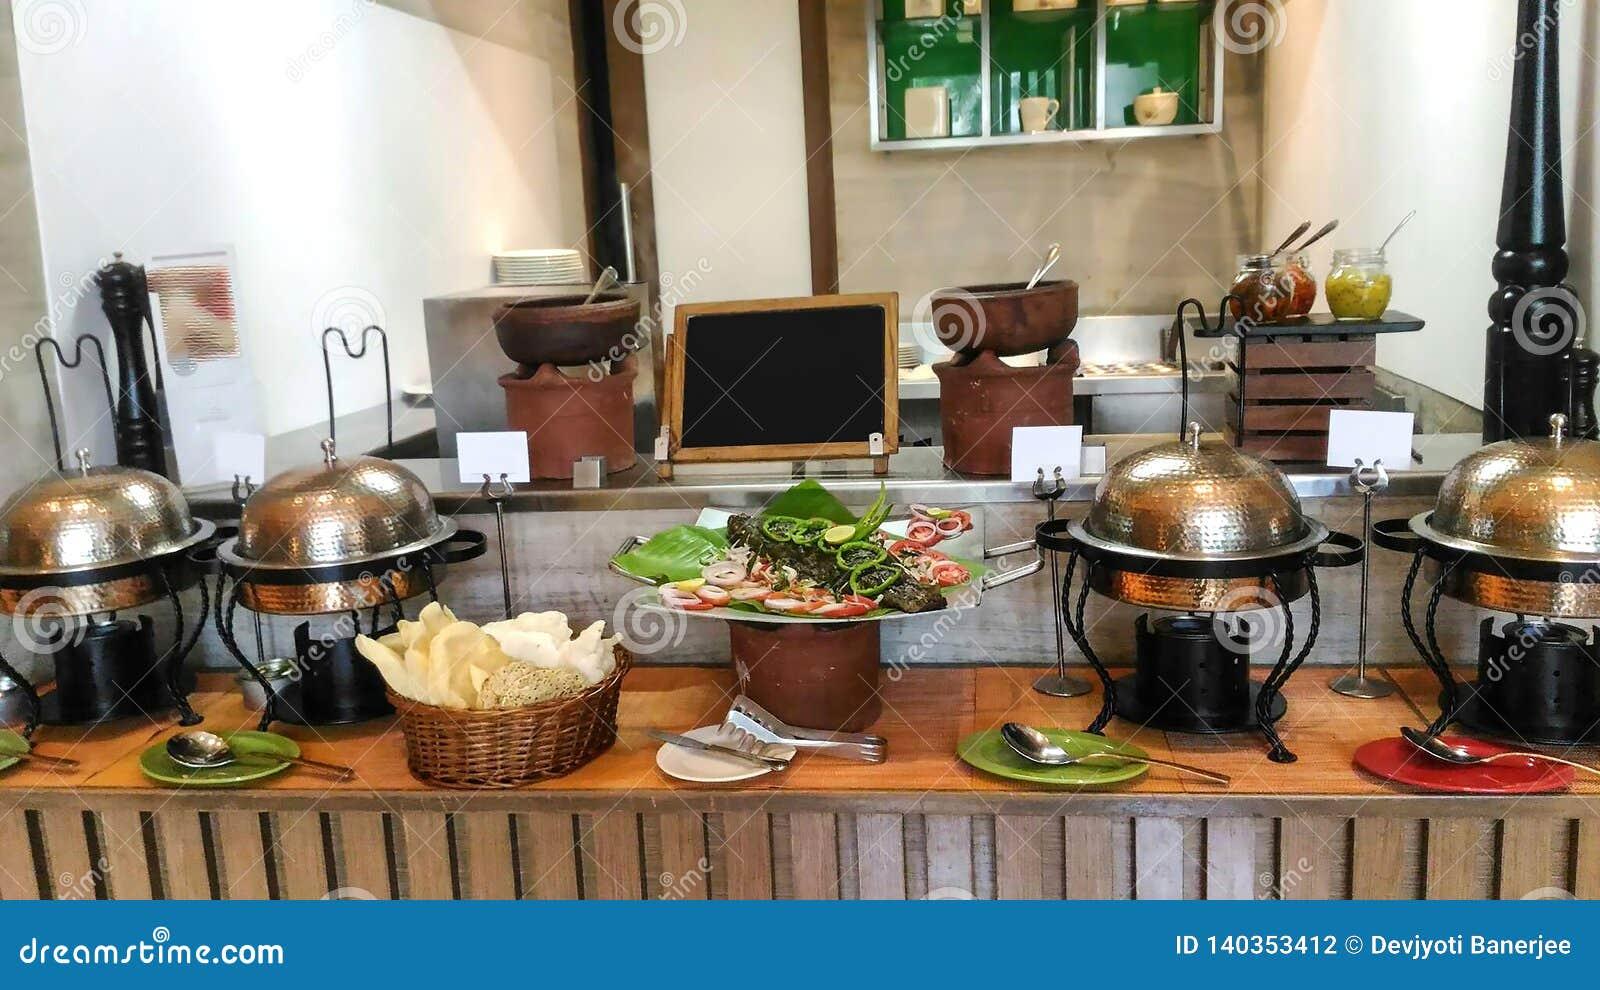 Wohle verzierte Küche eines Hotels, Innenausstattung